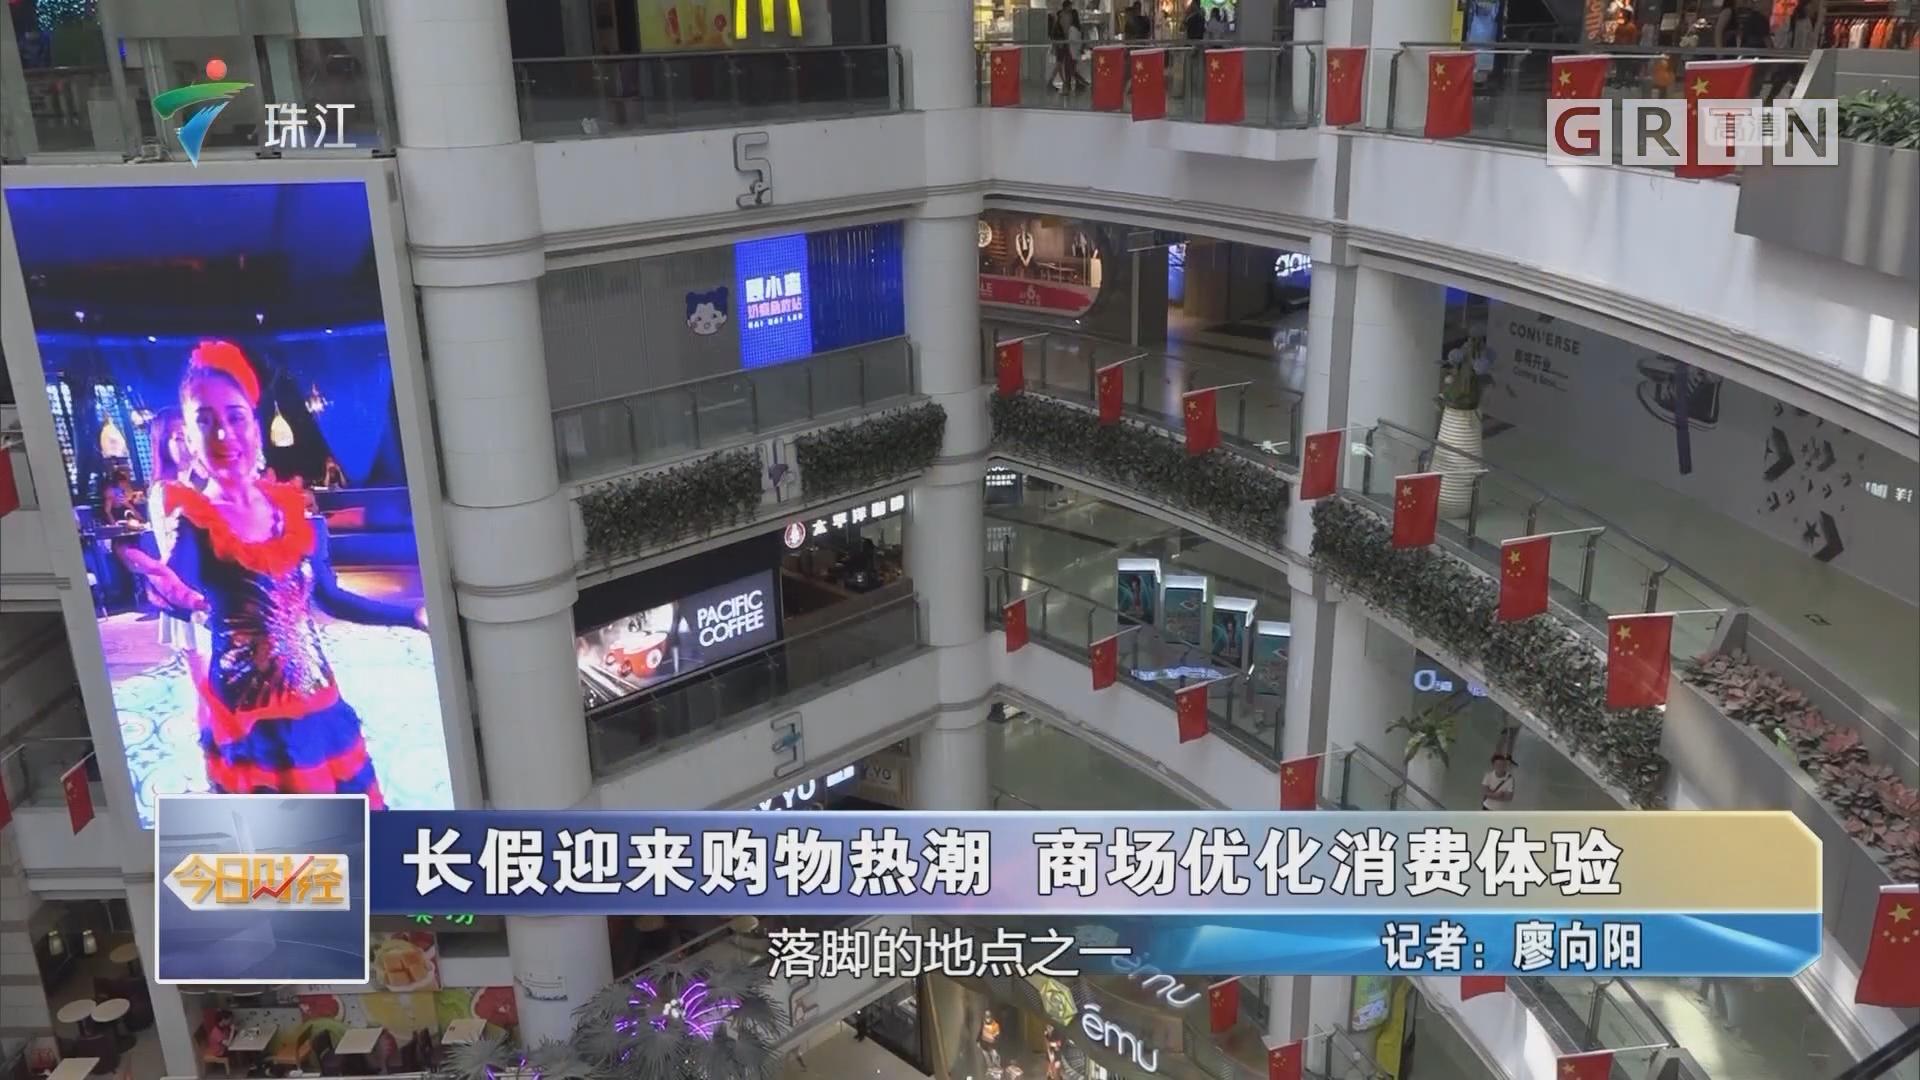 长假迎来购物热潮 商场优化消费体验